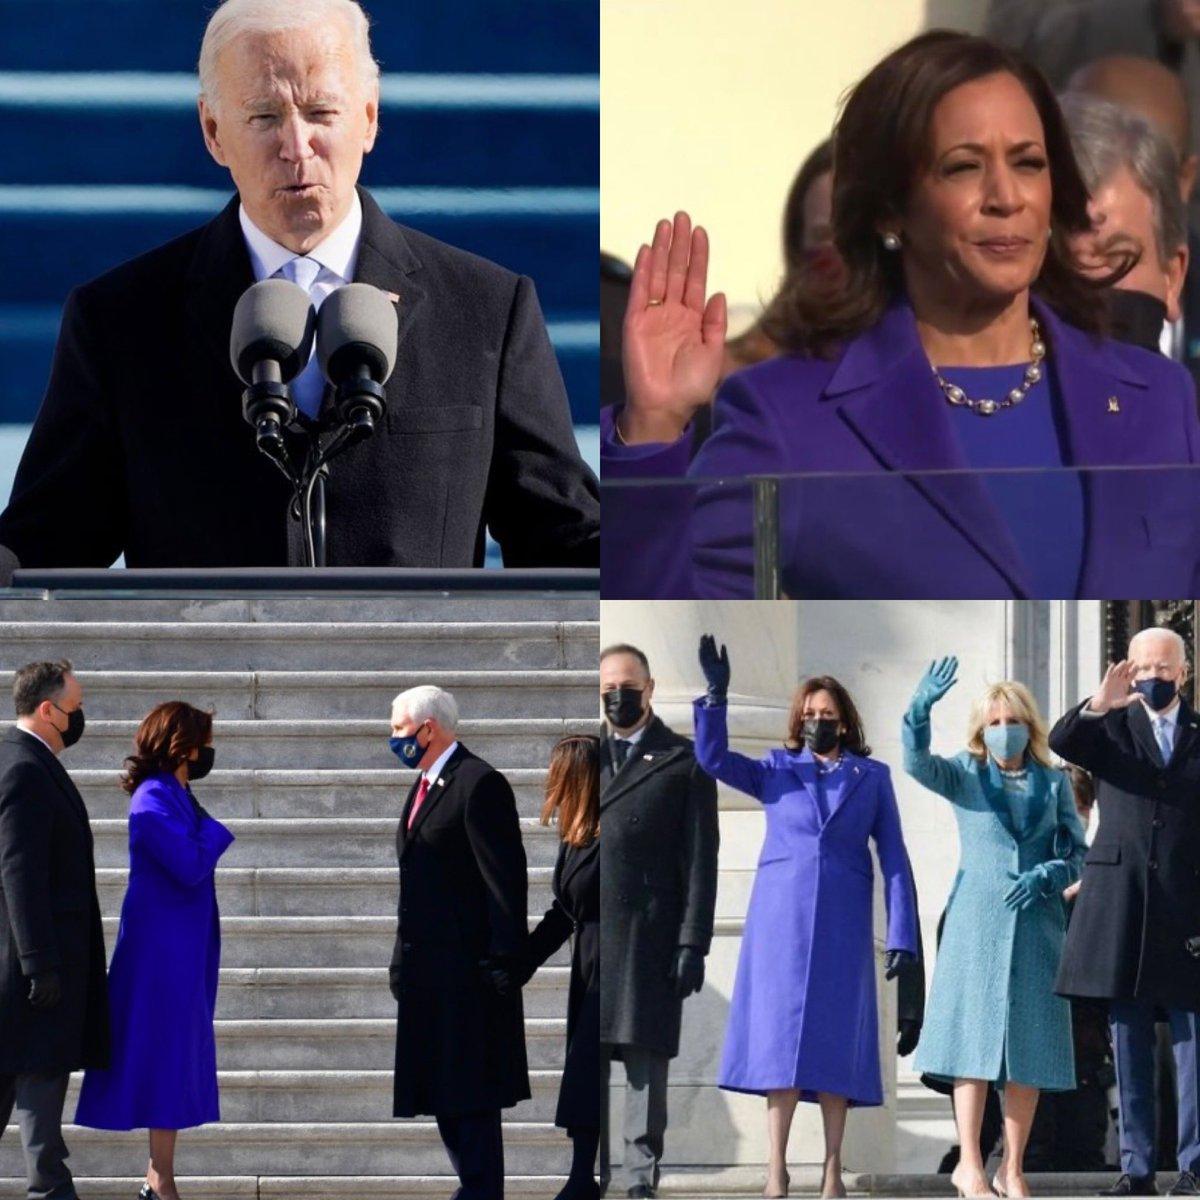 Aujourd'hui, l'Amérique se réveille avec à ses côtés, un nouveau Président et une nouvelle Vice-Présidente ! Un défi de taille les attend : réunir, rassembler et apaiser...  rendre confiance !  #USAElections2020 #investiture #BidenHarris #newday #newhope